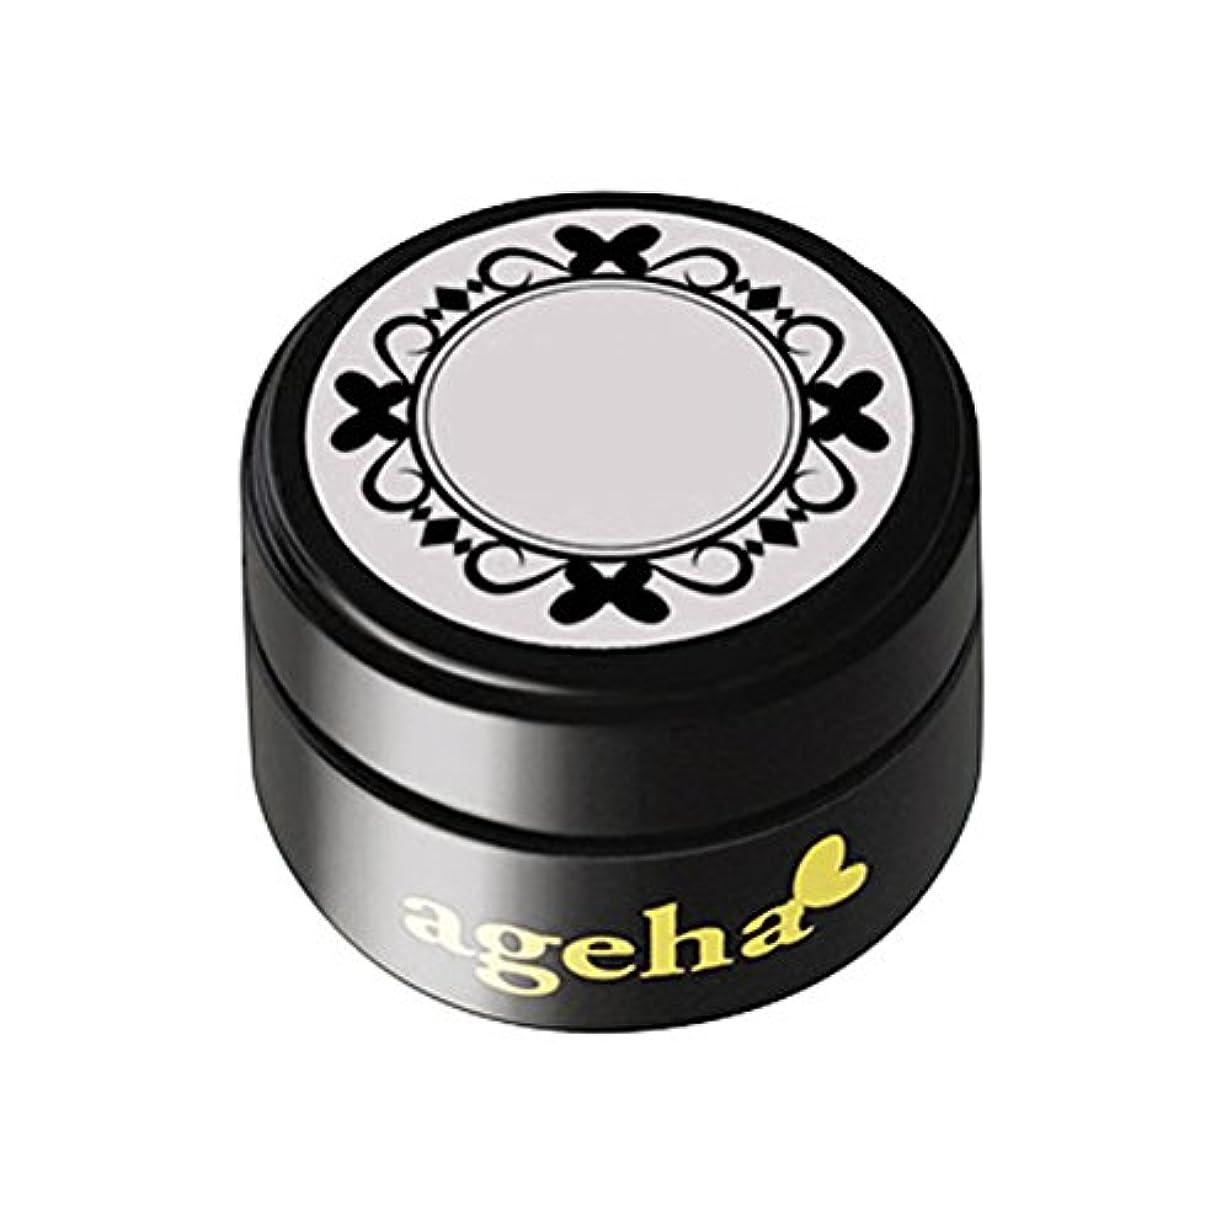 説明的電圧非常にageha gel カラージェル コスメカラー 109 ダーティークリーム